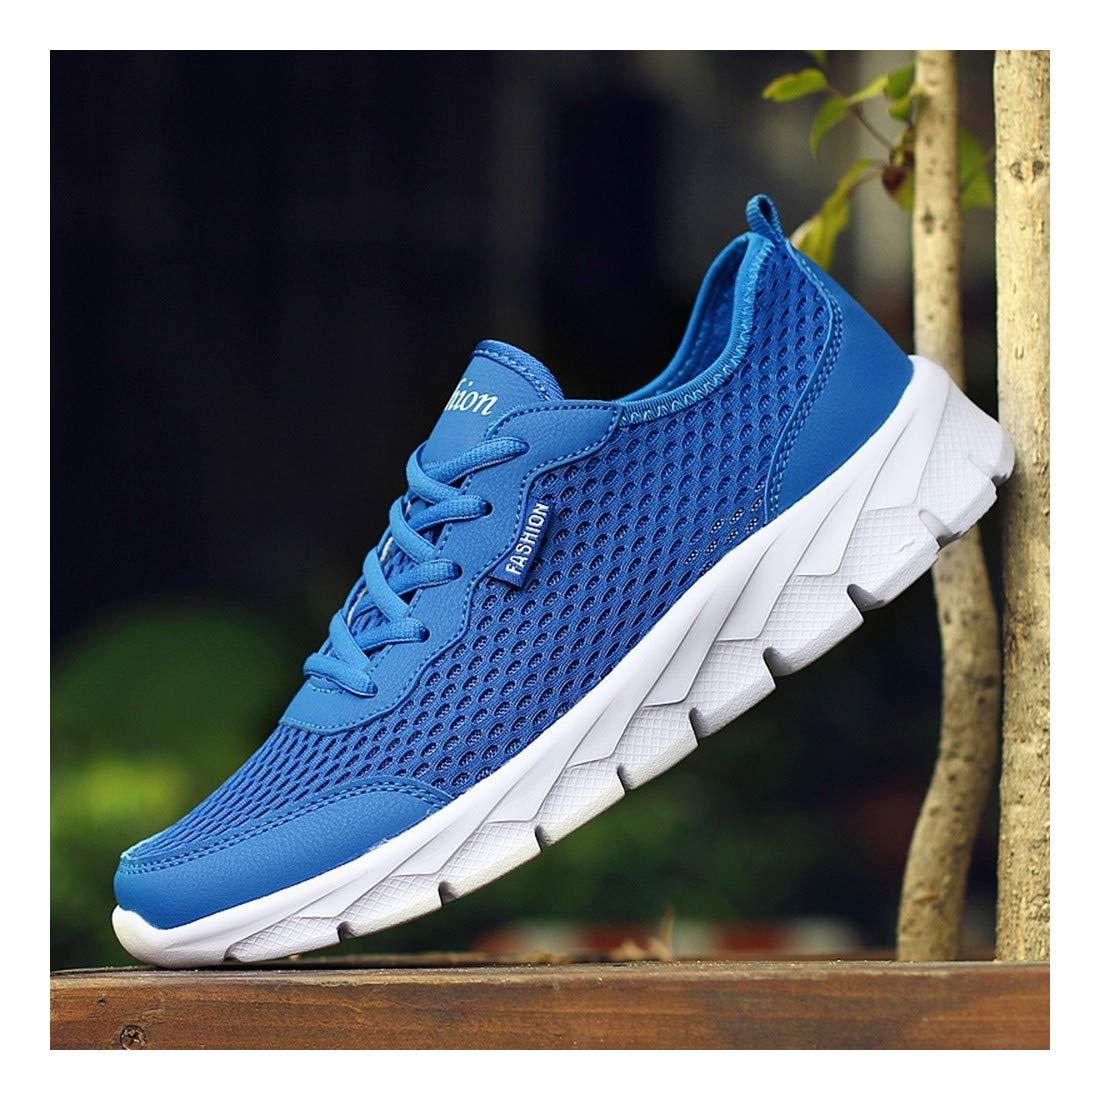 YAYADI Männer Freizeitschuhe Atmungsaktiv Ultralight Outdoor Walking Schuhe Trainer Jogging Fitness Schuhe Leichte